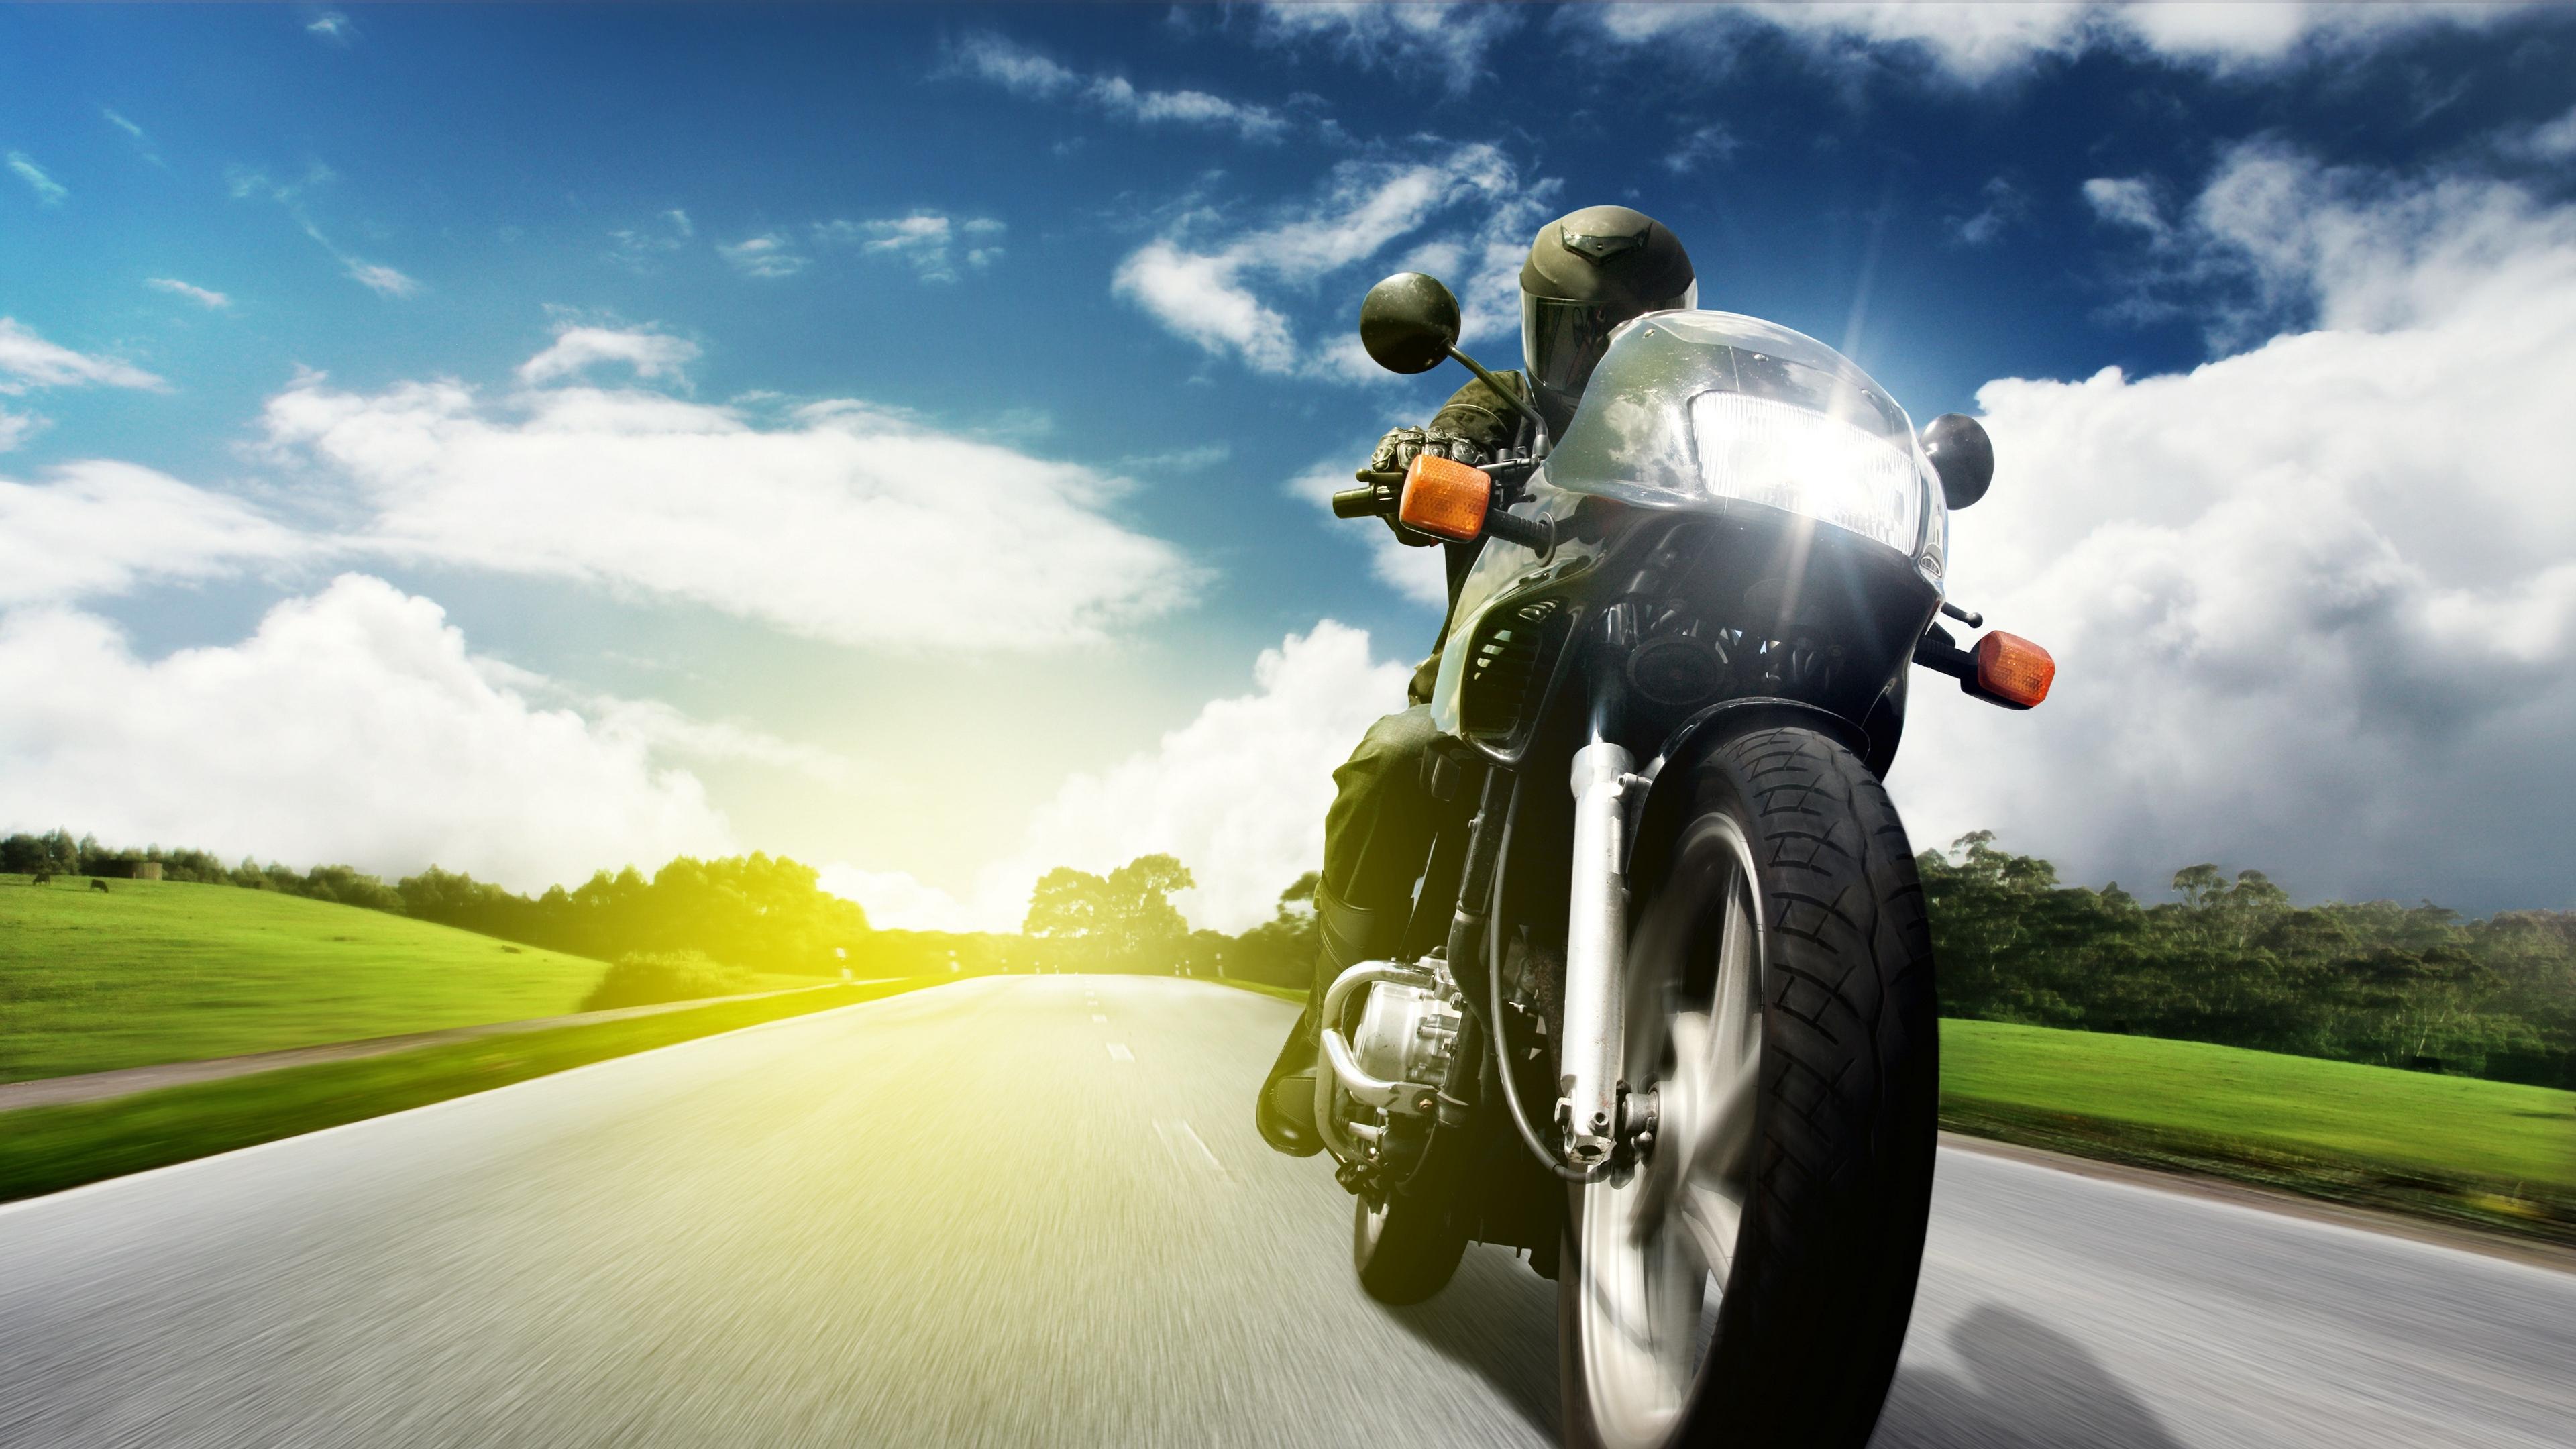 bike road traffic speed 4k 1536018436 - bike, road, traffic, speed 4k - Traffic, Road, Bike